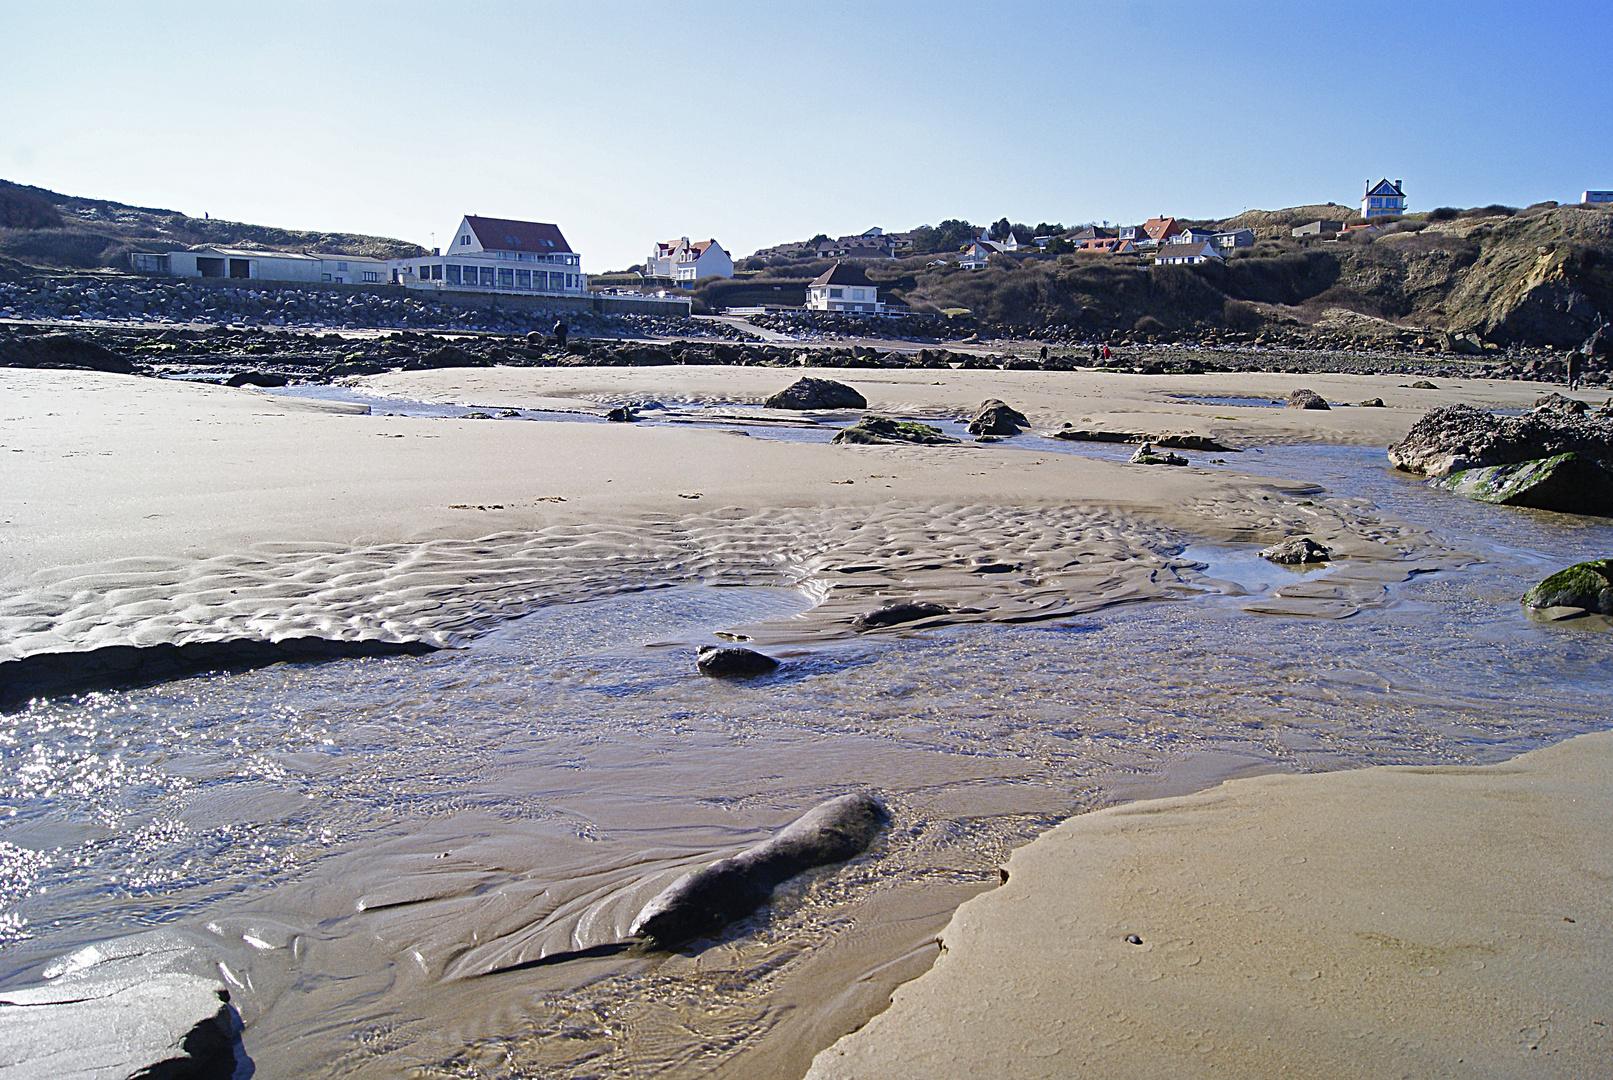 la plage du Cap Gris Nez, Pas de Calais